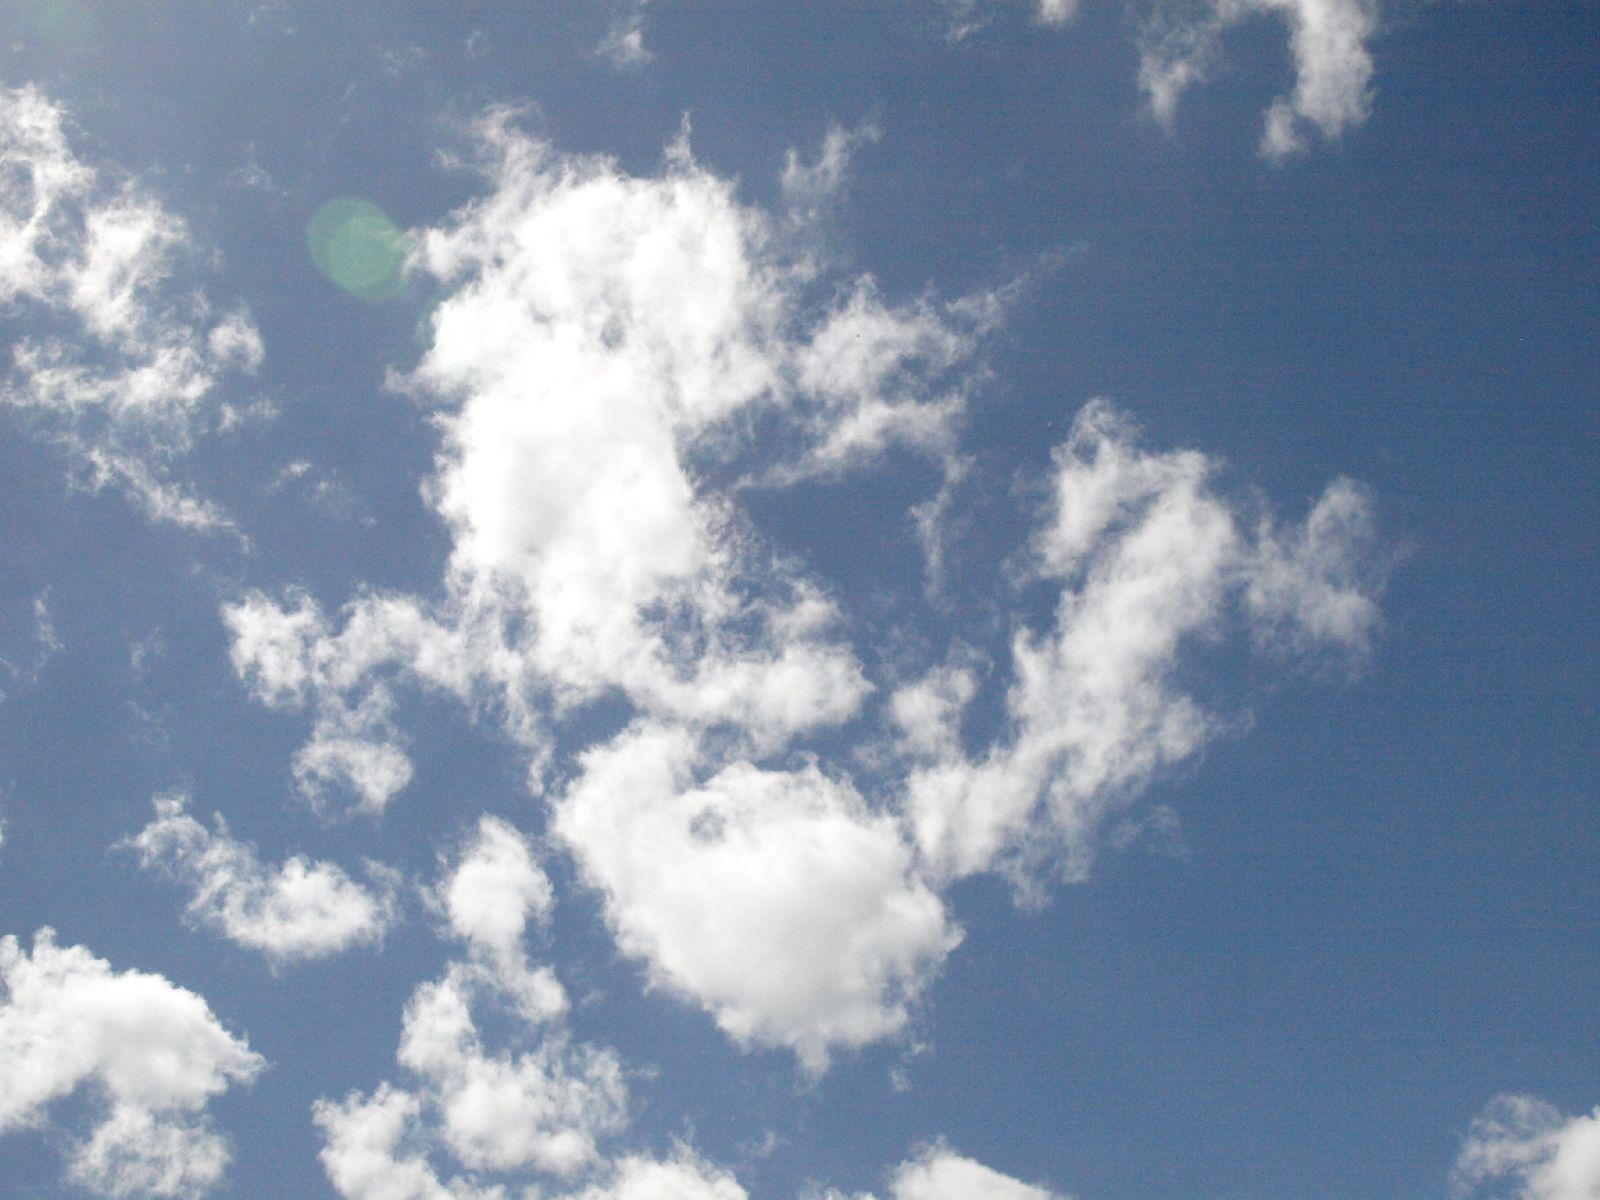 Himmel-Wolken-Foto_Textur_A_P5183776